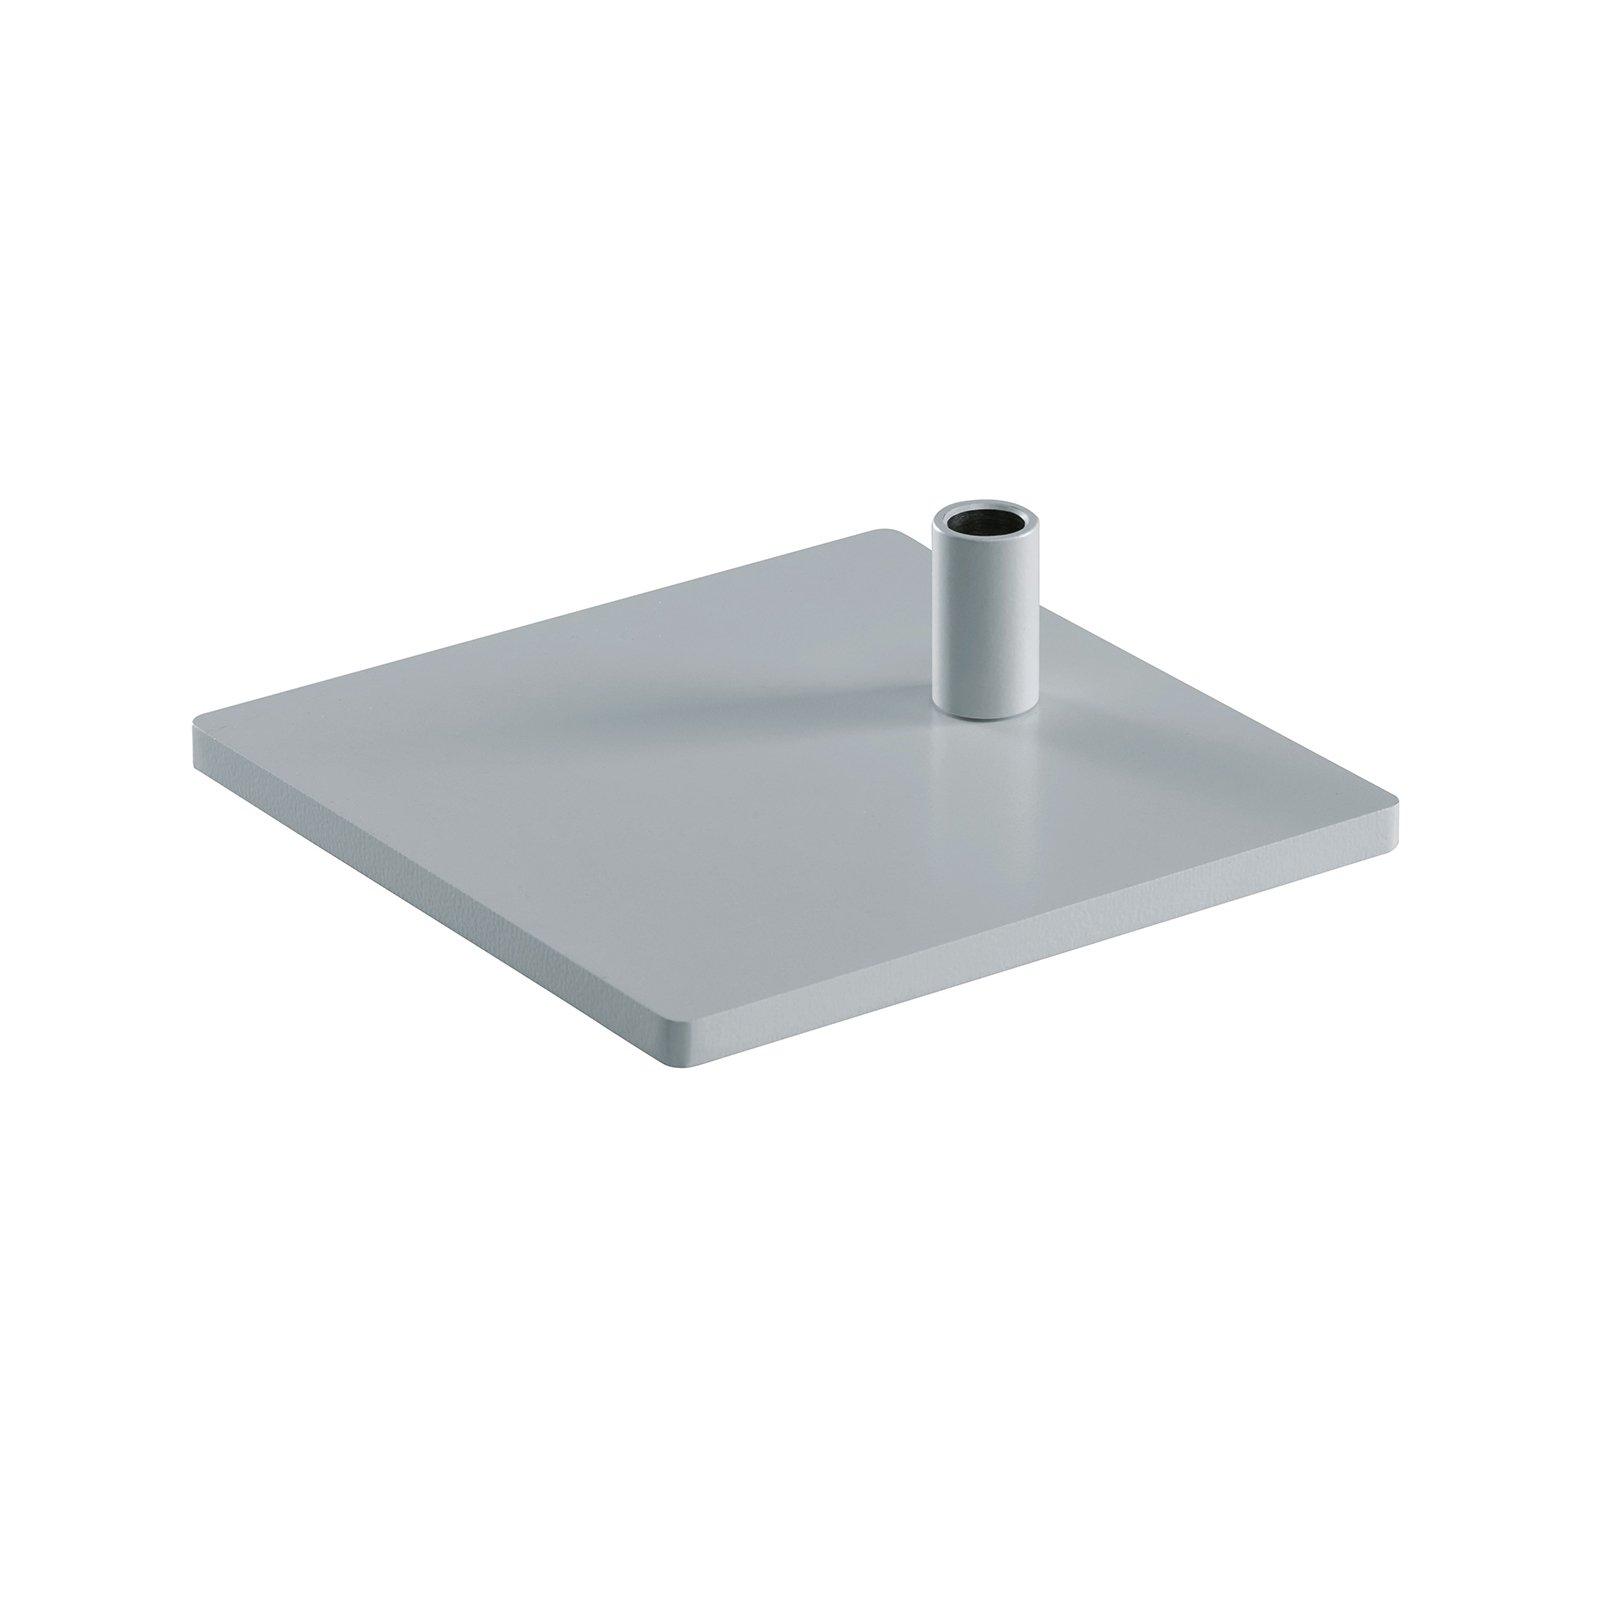 Fot kantet bordlampe PARA.MI FTL sølv